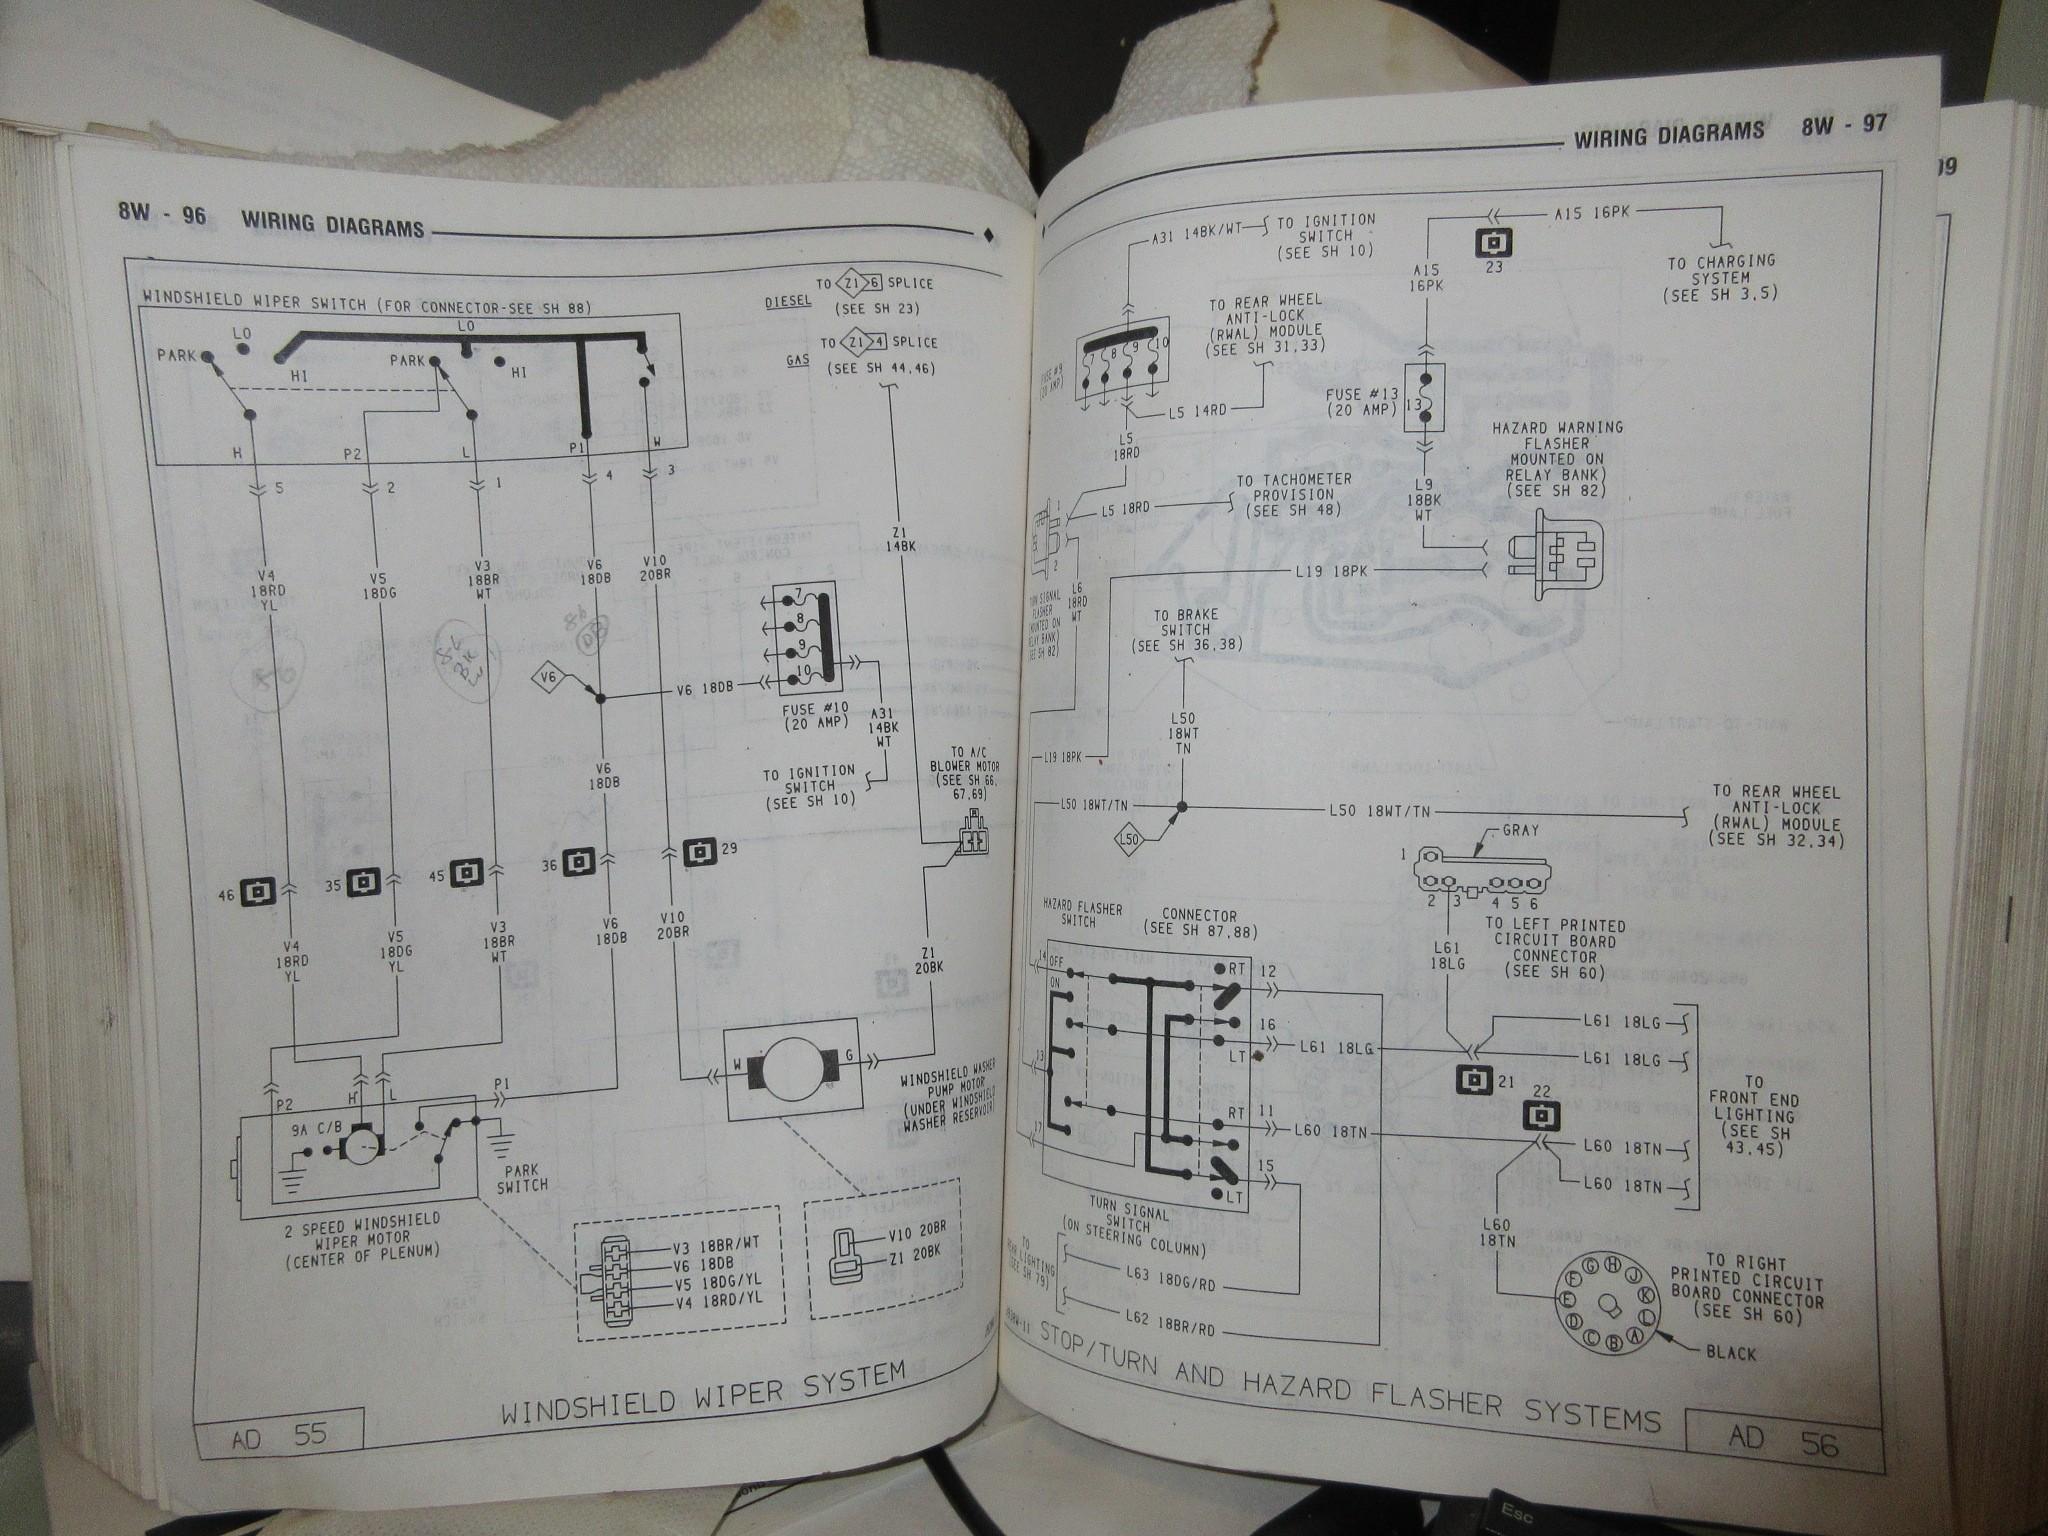 2016 Ram Wiring Diagram Steering Column Wiring Diagrams Dodge Ram Ramcharger Of 2016 Ram Wiring Diagram